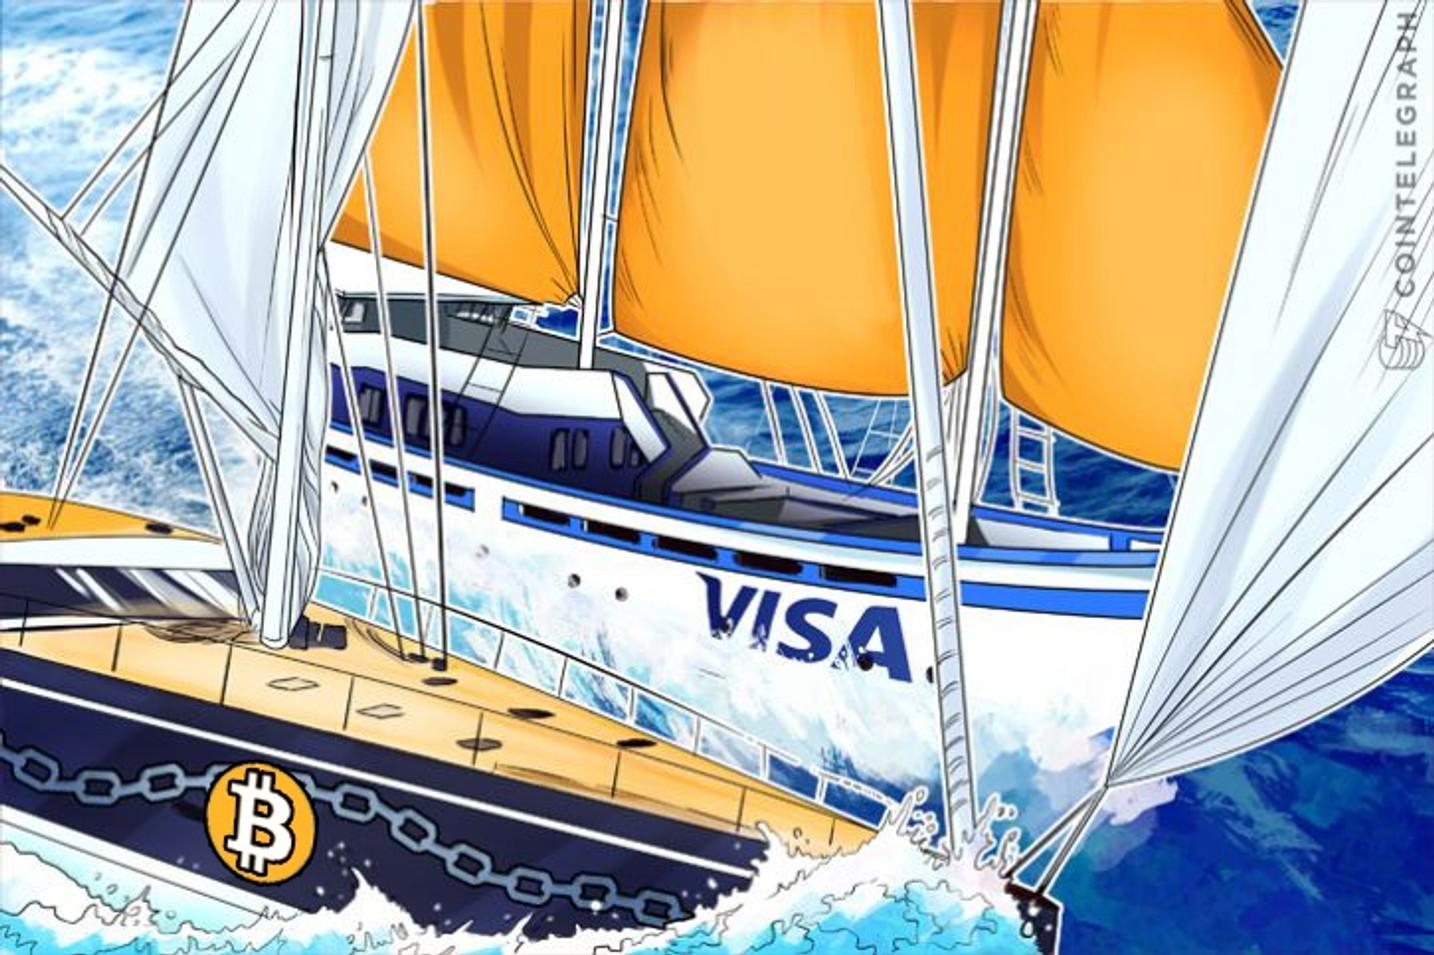 El precio de Bitcoin supera el nivel de mercado de $ 18,000, ahora es más alto que el de Visa